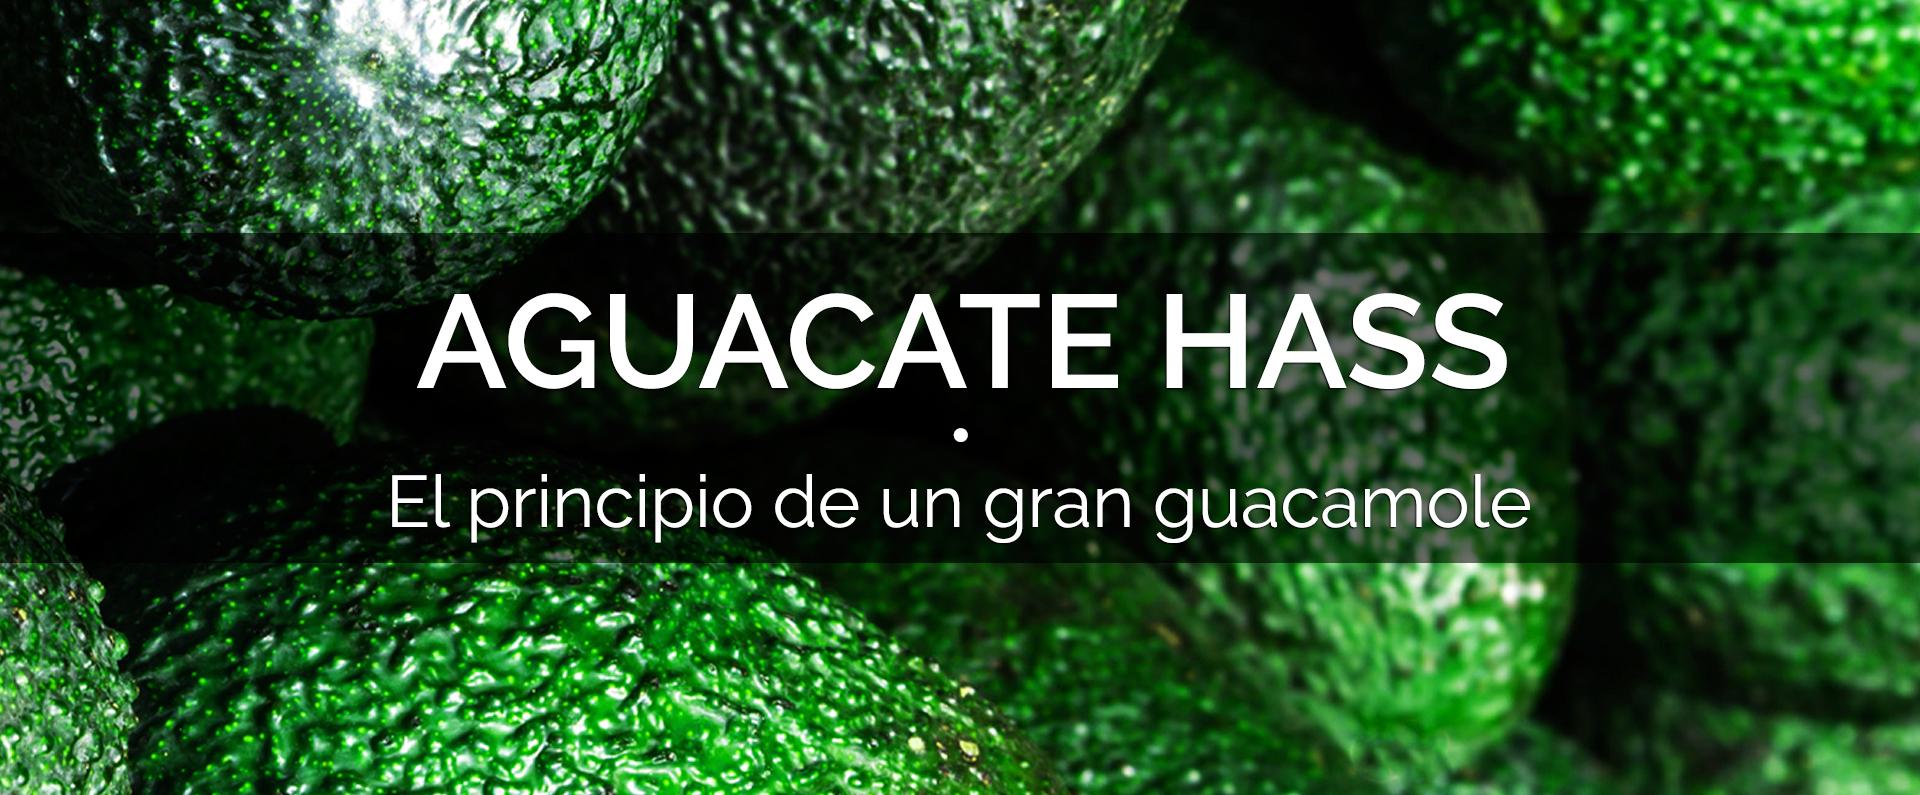 banner_aguacate_espanol